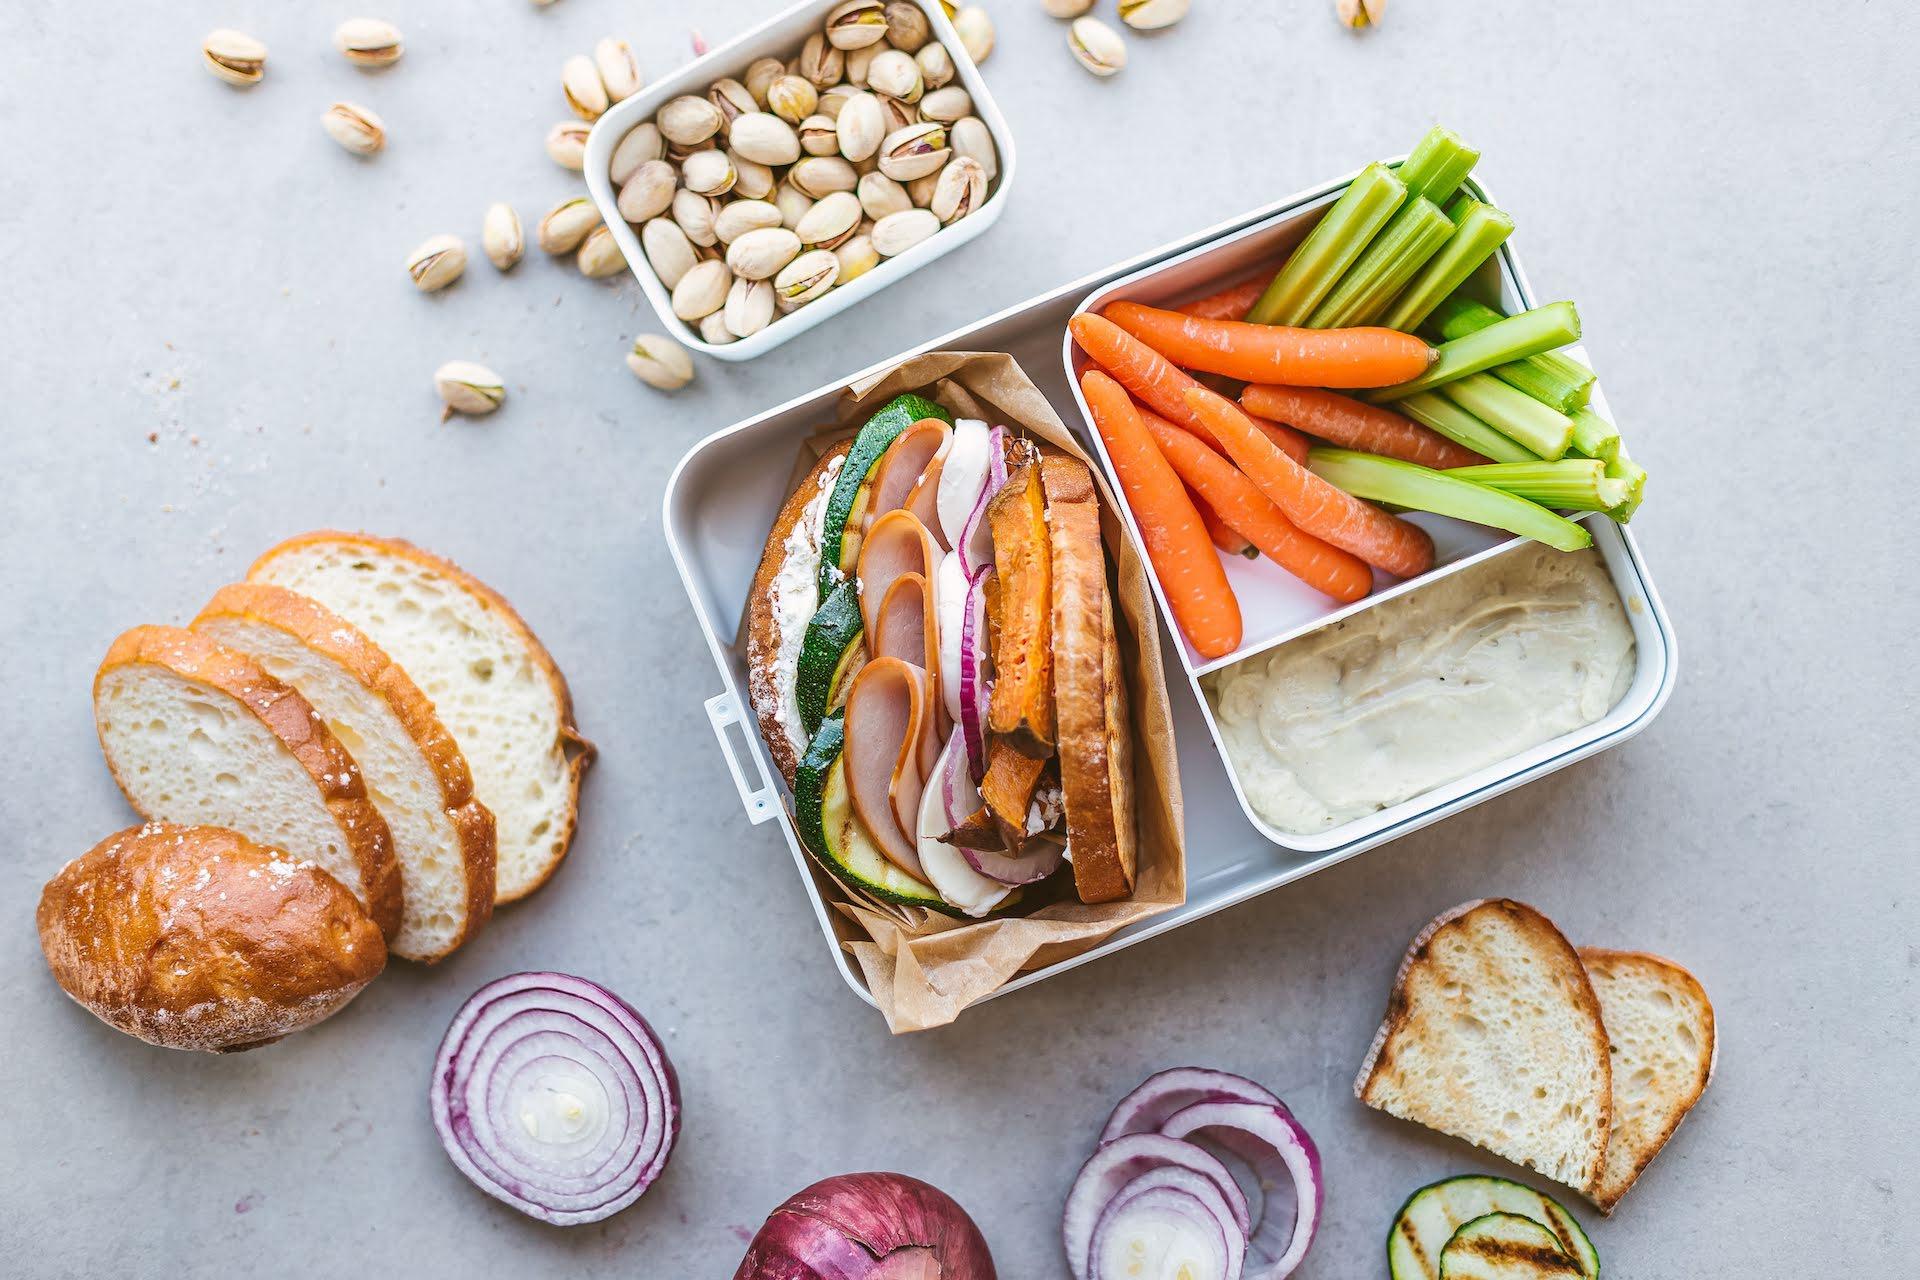 Skrudintos duonos sumuštinis, kai nėra laiko pietums.